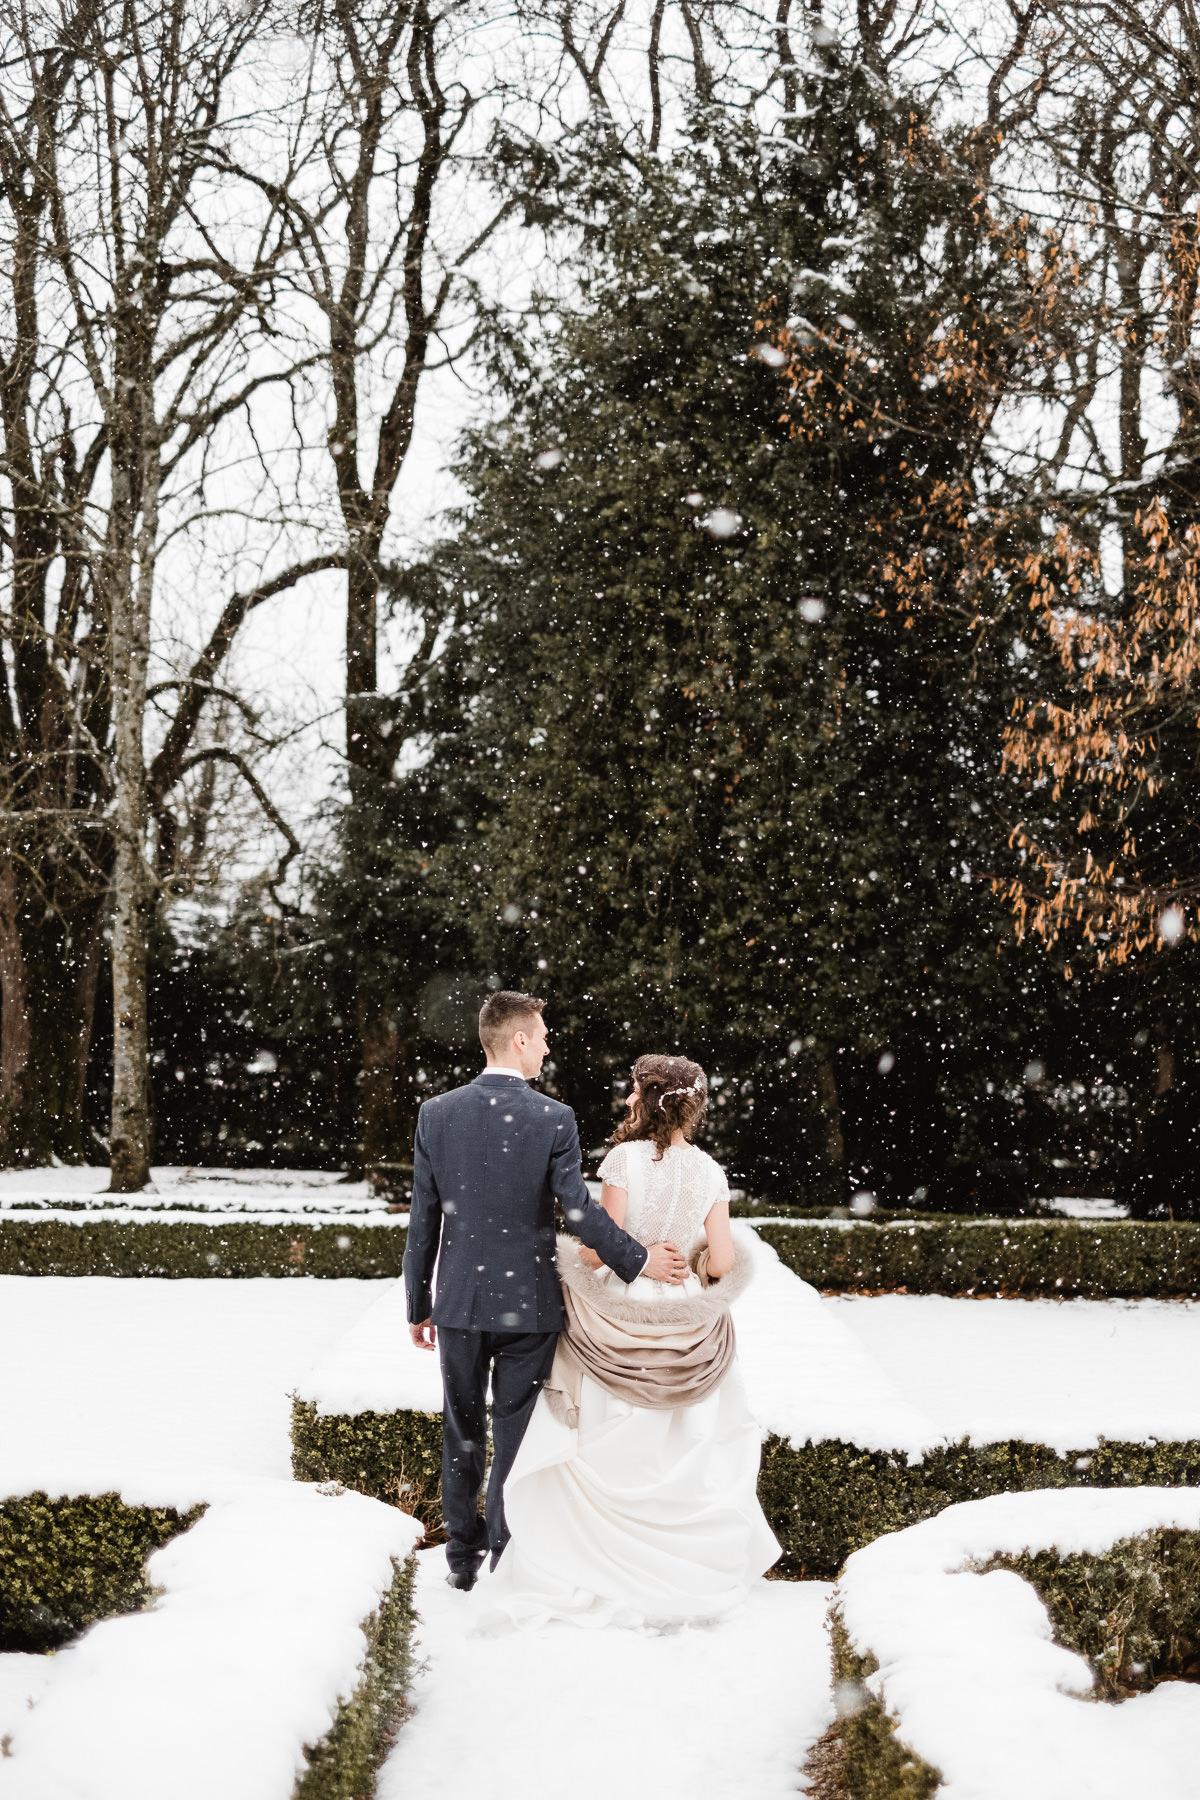 Un mariage en décembre